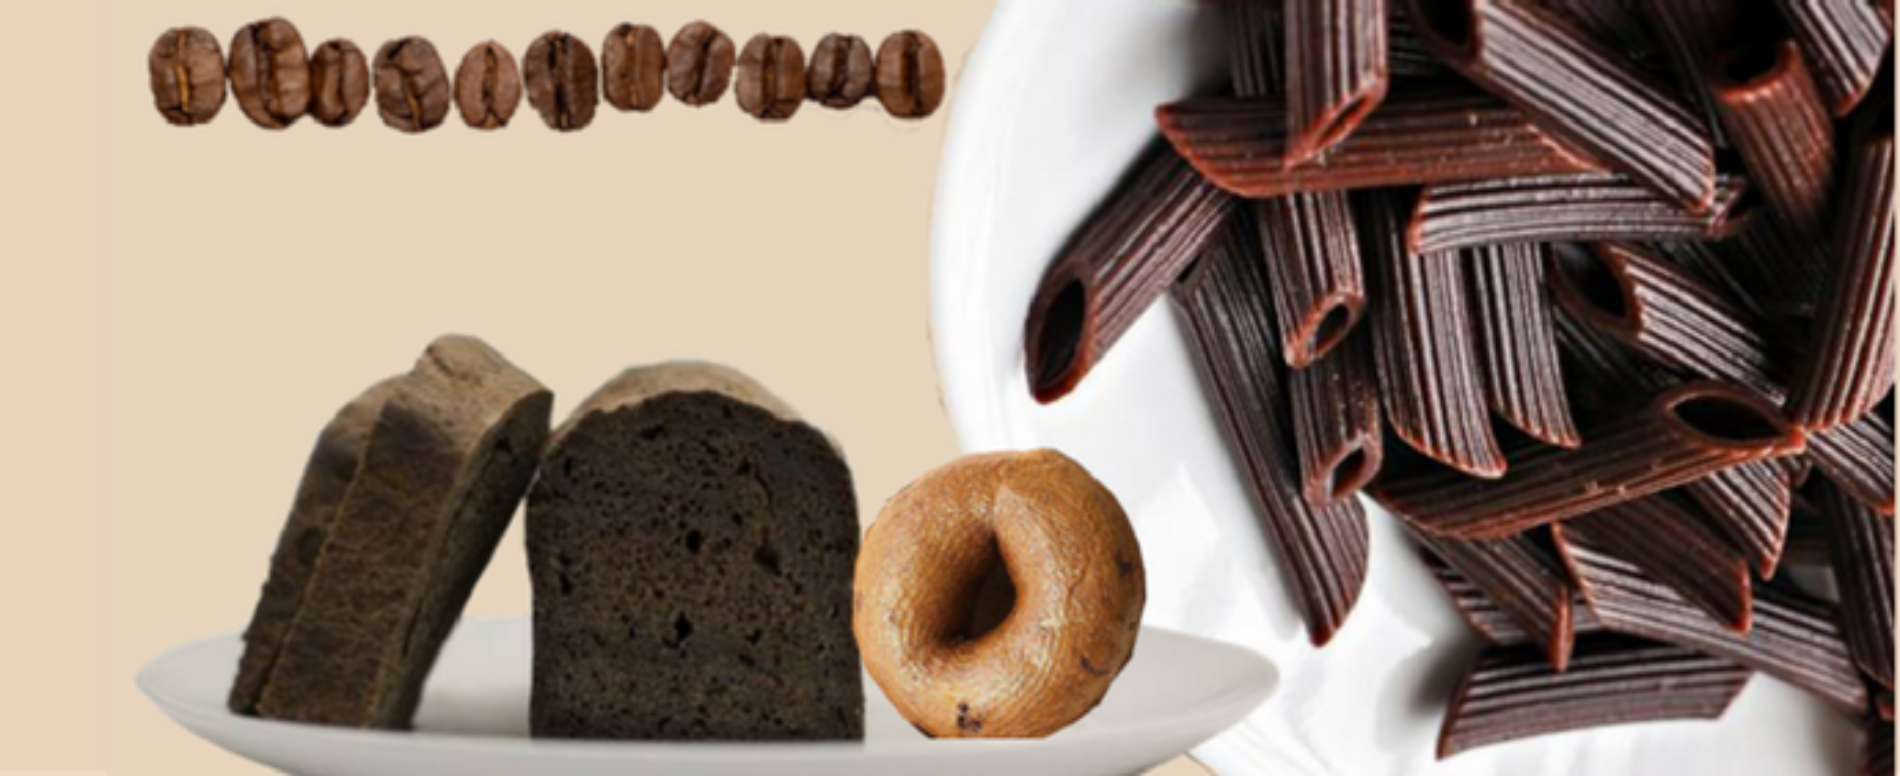 Nuovo ingrediente in cucina: la farina di caffè